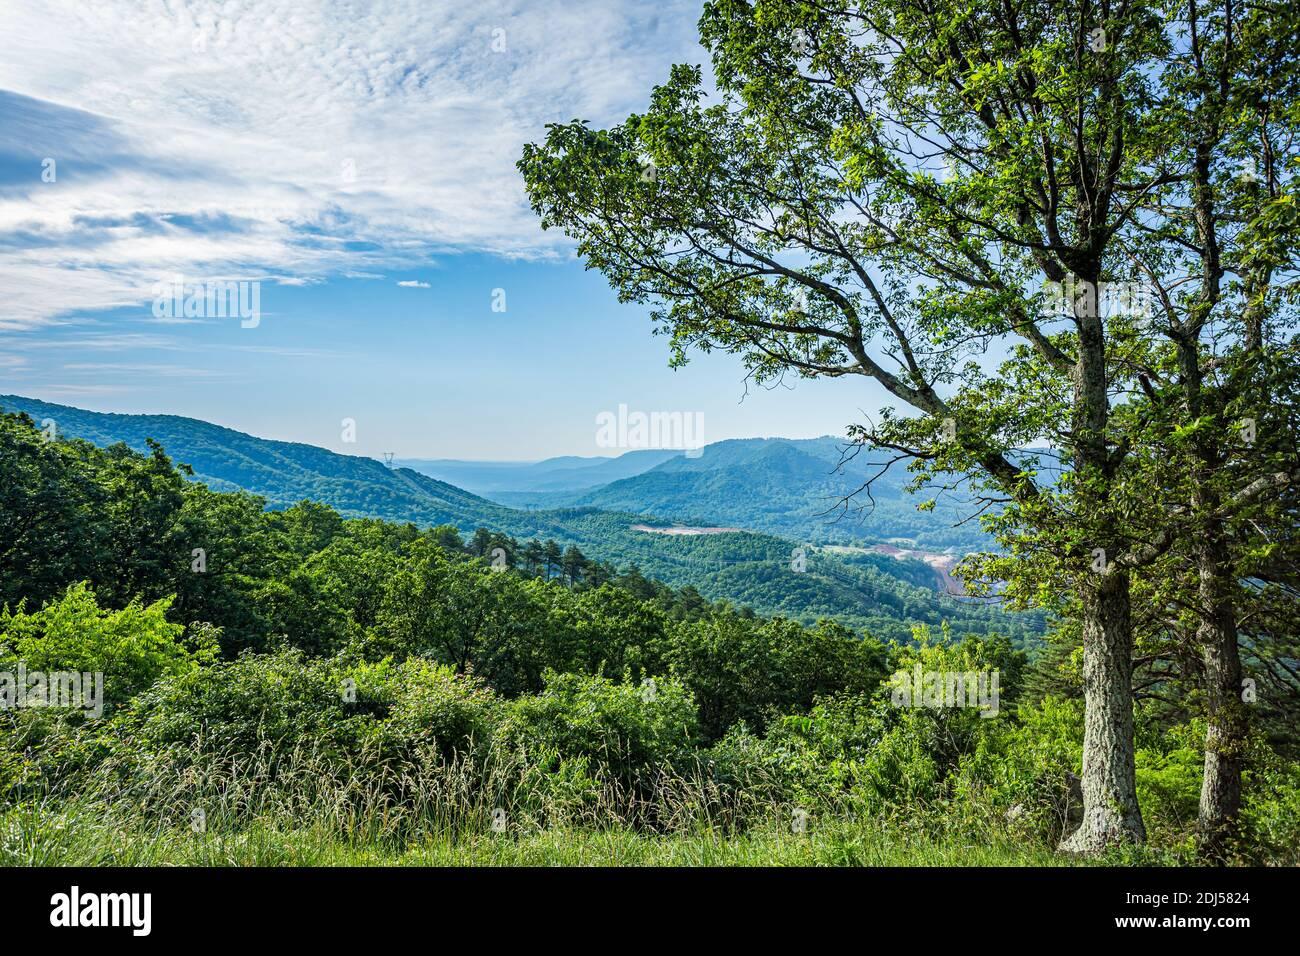 La vue de la carrière donne sur la Blue Ridge Parkway près de Roanoke, Virginie. Banque D'Images